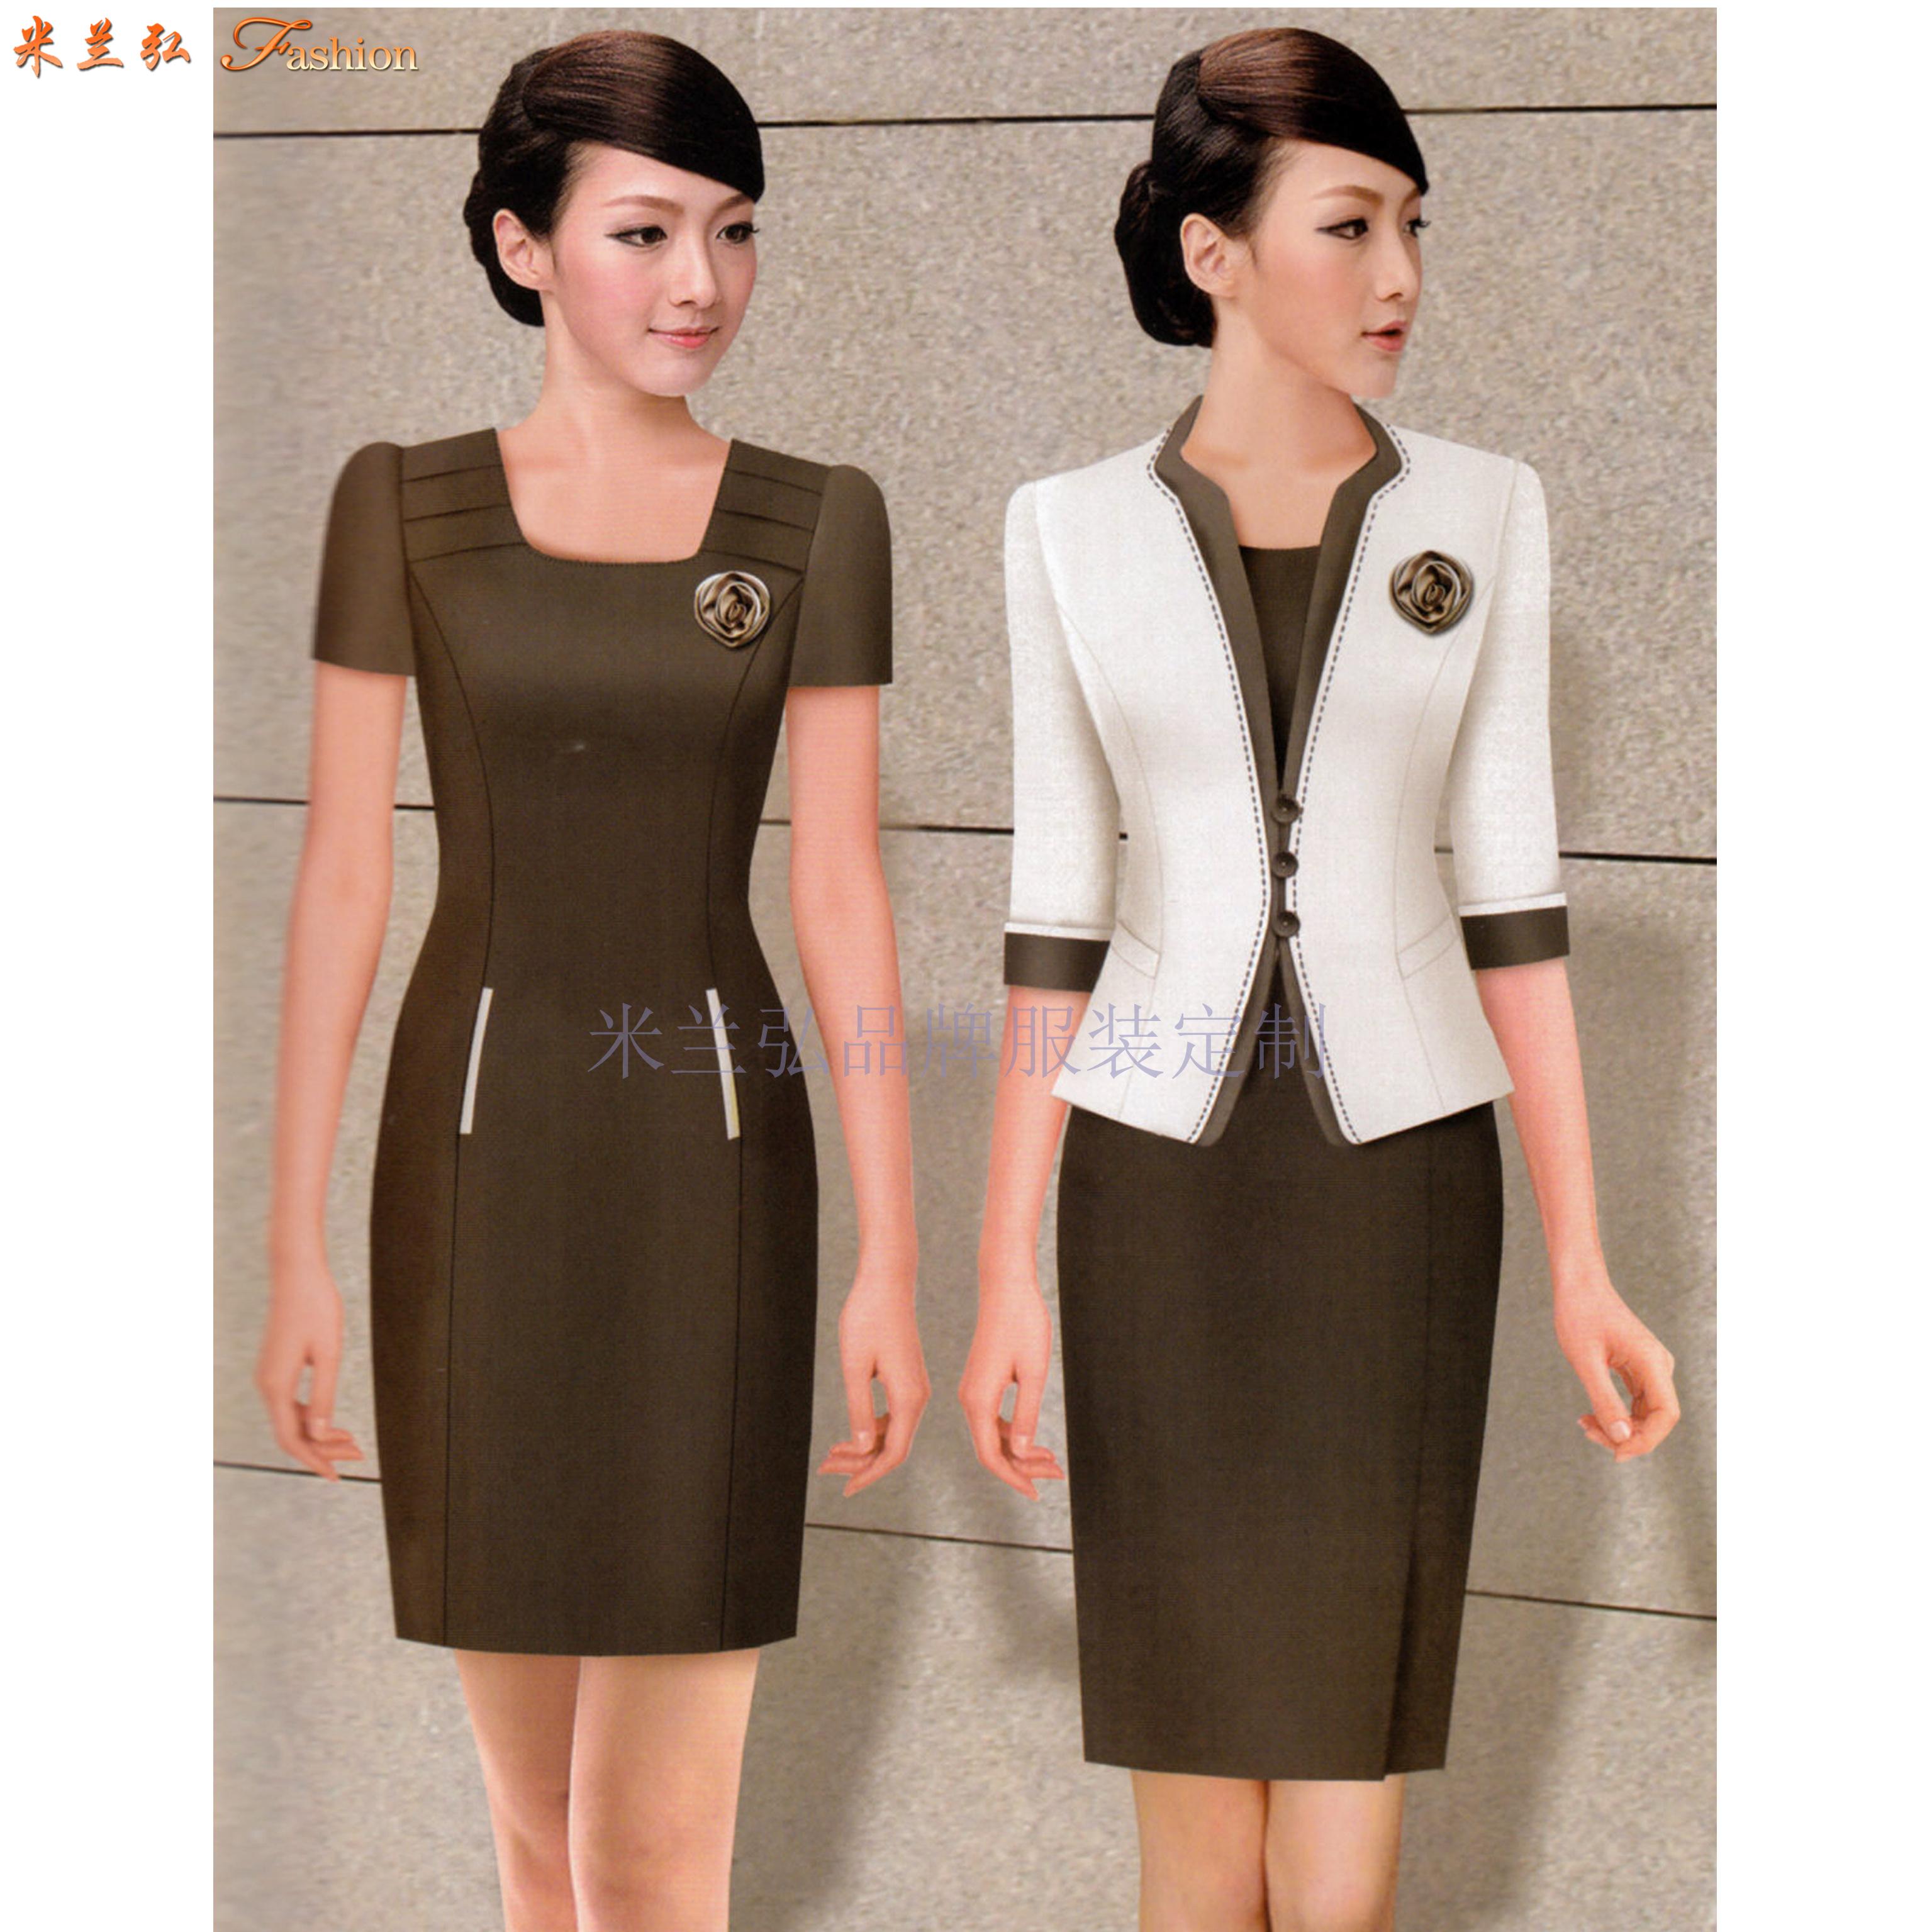 職業裝高檔連衣裙公司-國內職業裝品牌-米蘭弘服裝-3